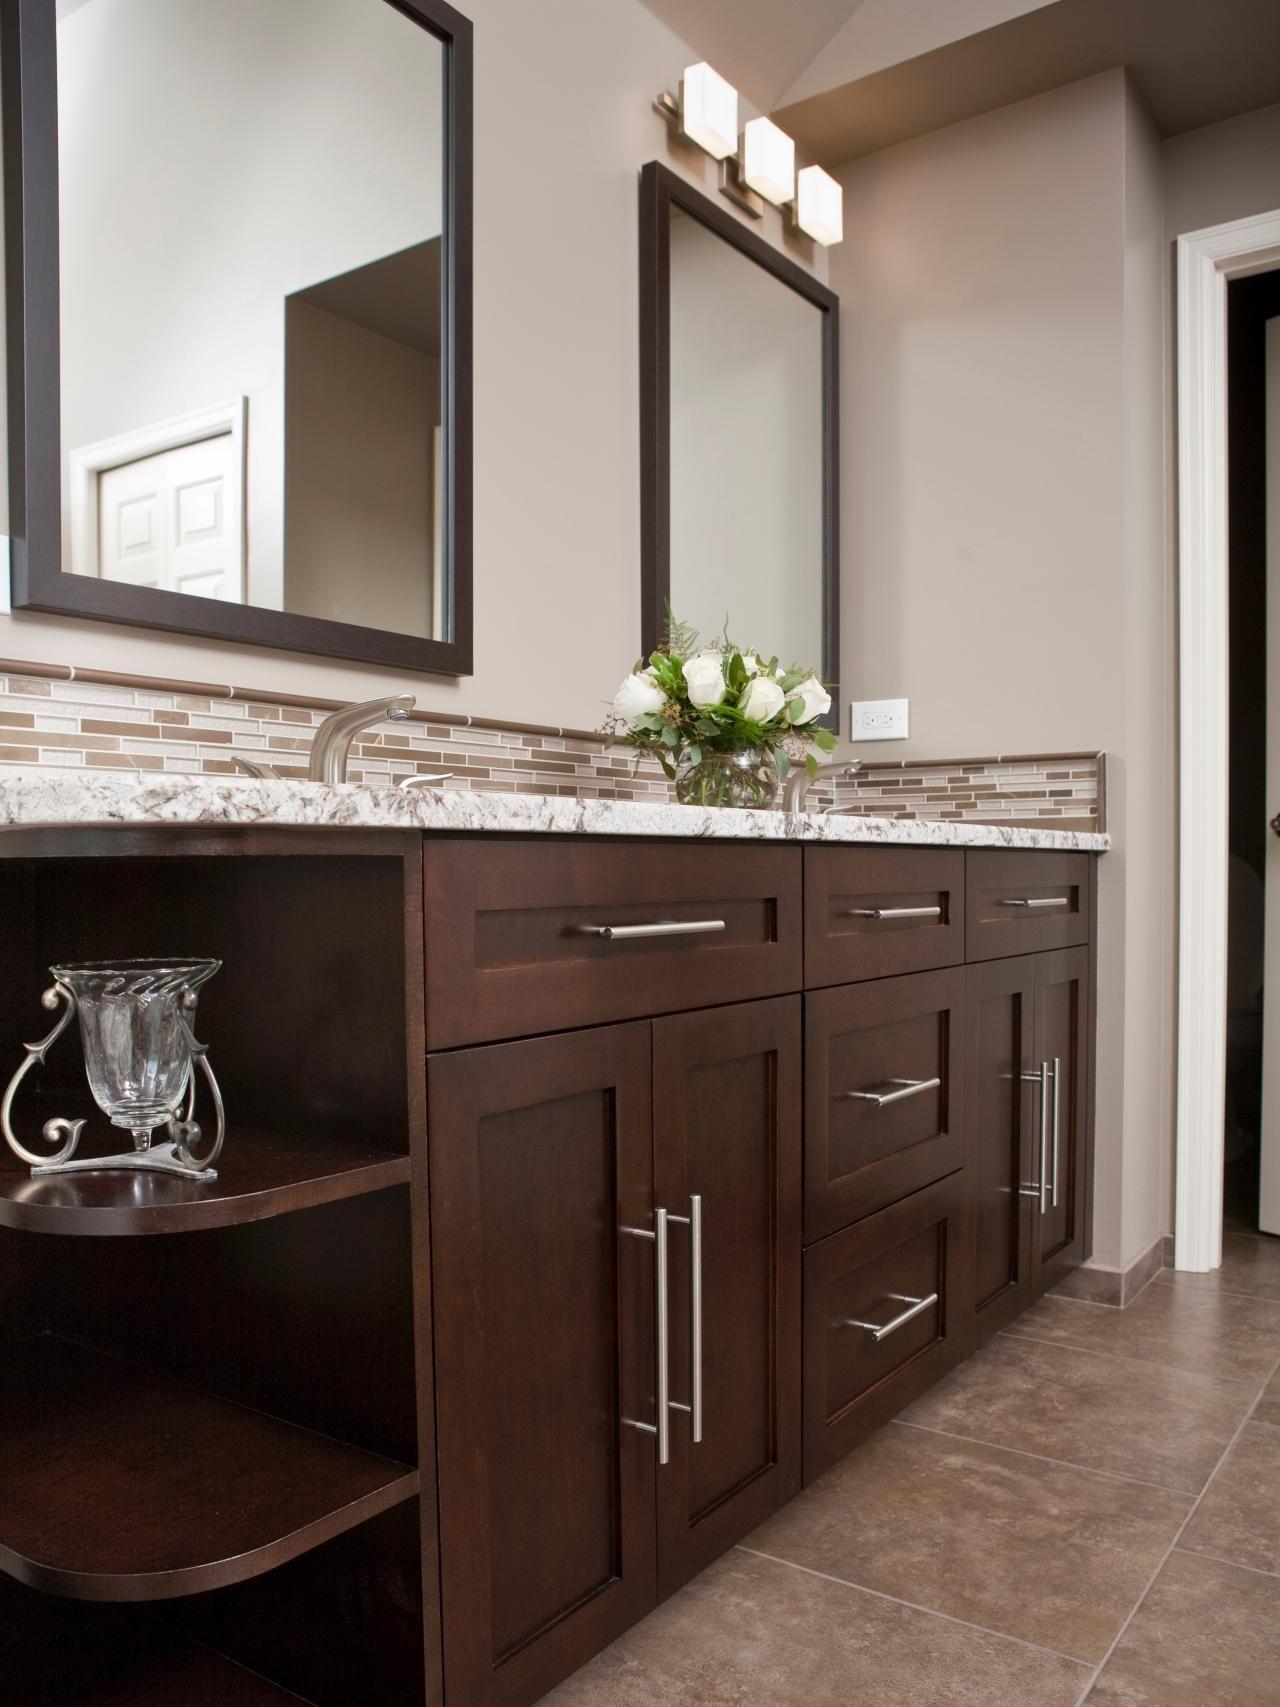 9 bathroom vanity ideas - Bathroom Remodel Double Sink